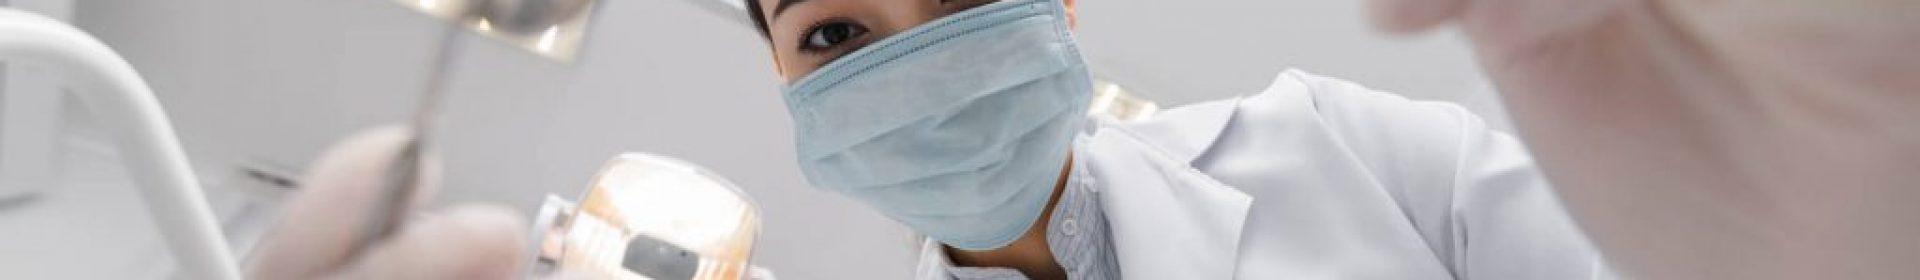 Aposentadoria-Especial_-O-dentista-pode-trabalhar-depois-de-aposentado